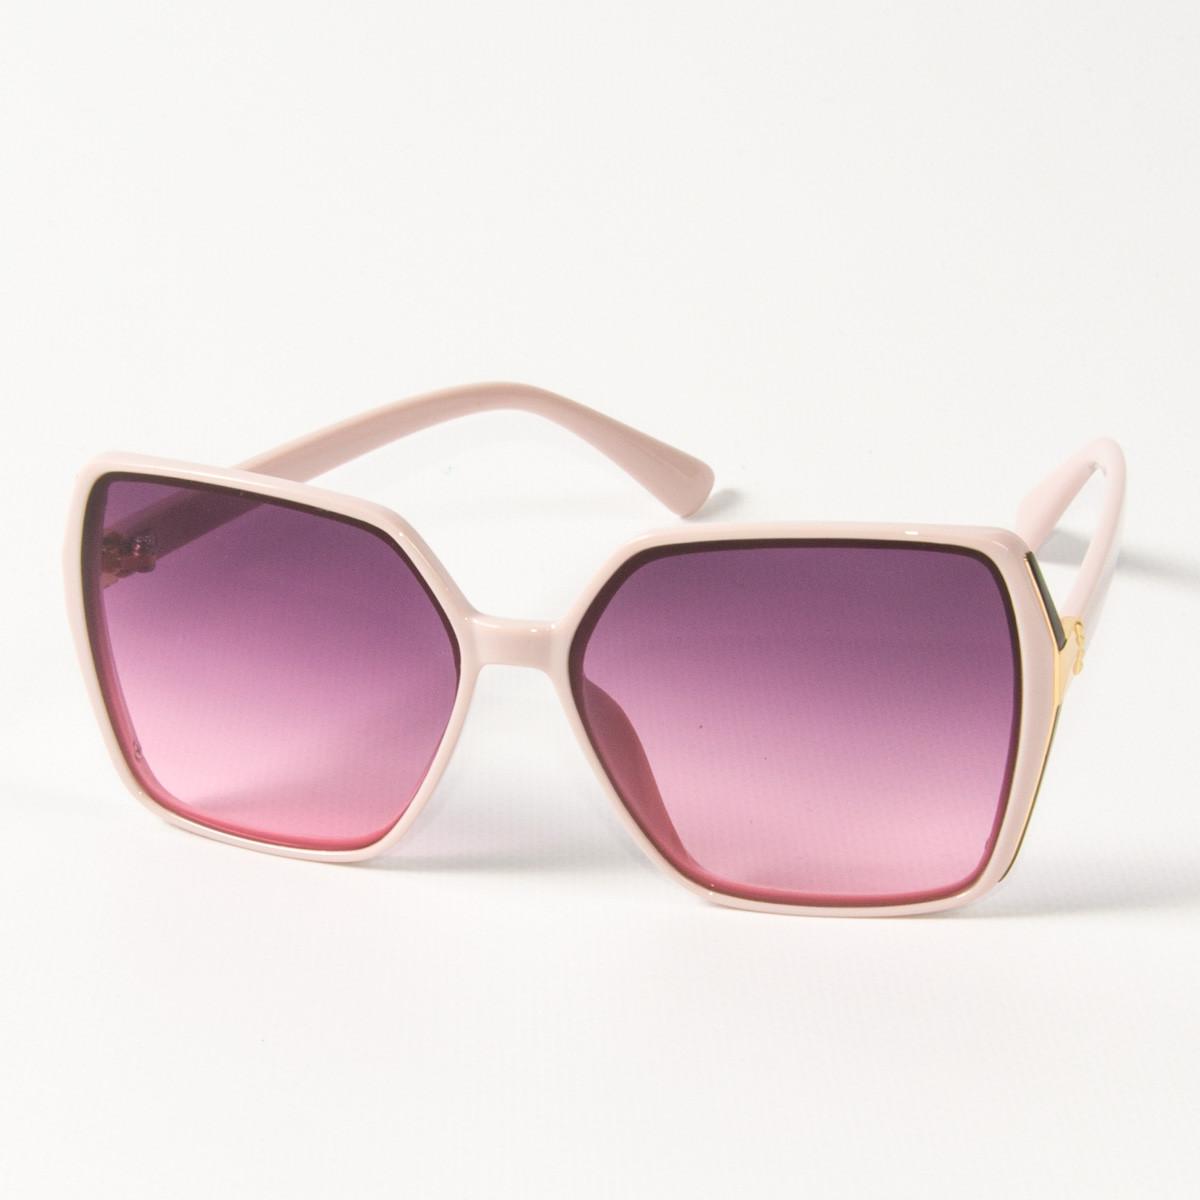 Женские солнцезащитные квадратные очки  (арт. 338622/3) сиреневые